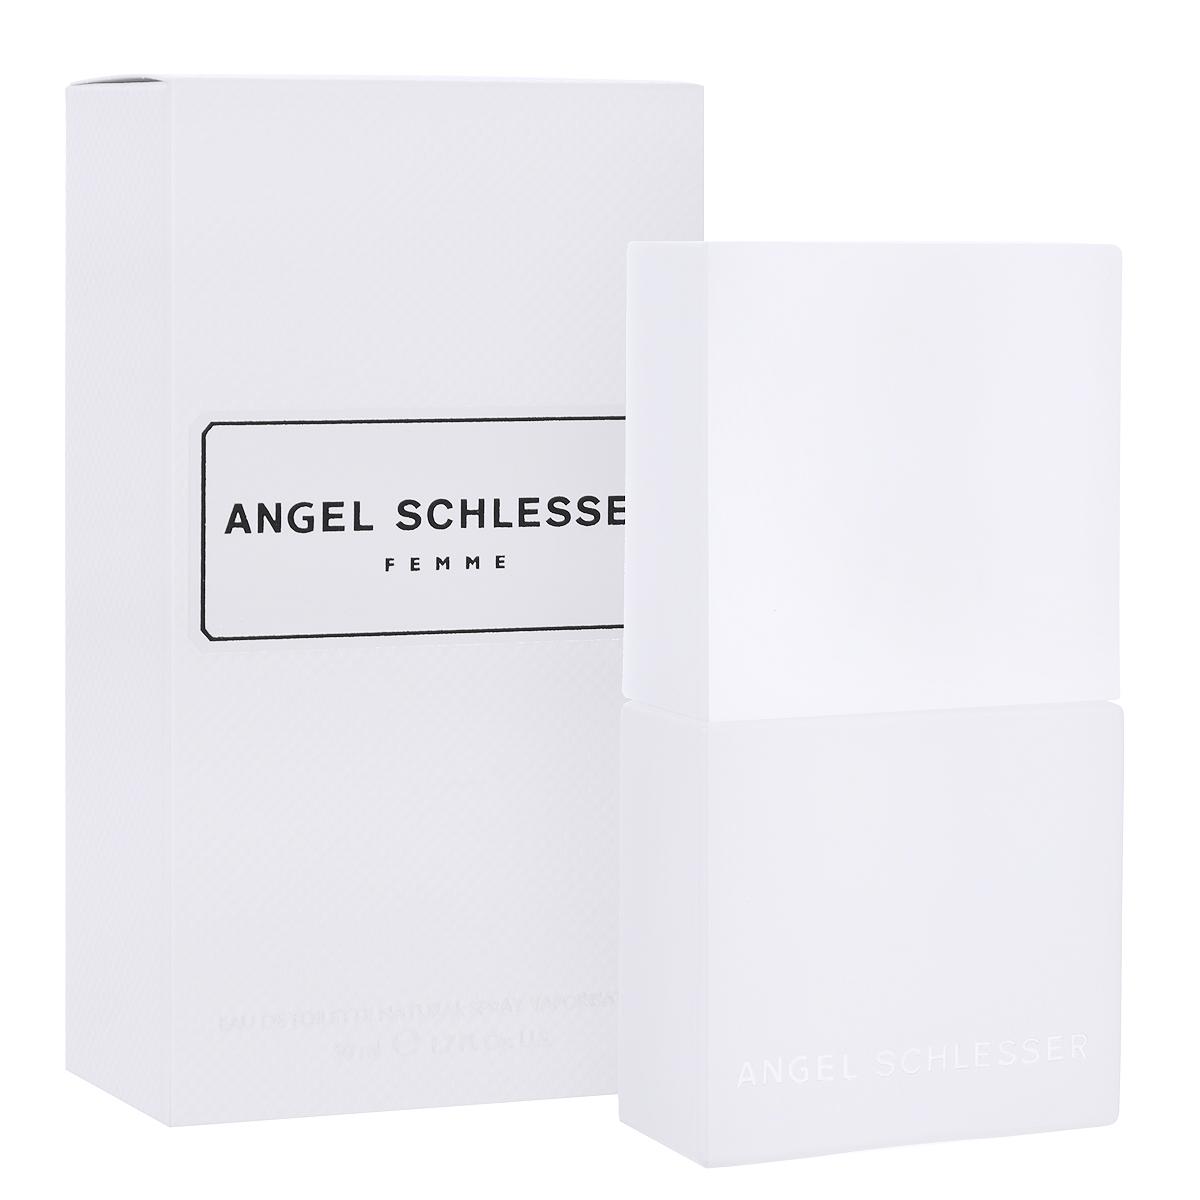 Angel Schlesser Туалетная вода Femme, женская, 50 мл44972Женский аромат Femme от Angel Schlesser прекрасно подойдет современным девушкам и женщинам, которые следят за новинками в мире моды и парфюмерии. Создатель аромата - один из самых знаменитых носов Альберто Мориллас. Прозрачность и яркость - абстрактные понятия, но благодаря молекуле второго поколения Гедиону, усиливающей степень и объем распространения аромата, парфюмеру удалось воплотить их в уникальной формуле, удивительно непохожей на другие, соблазнительной и разоблачающей.Классификация аромата: цветочный, цитрусовый.Пирамида аромата: Верхние ноты: бергамот, мандарин, нероли, корень можжевельника.Ноты сердца: лепестки ландыша, Гедион, зеленый и красный перец.Ноты шлейфа:кардамон, шалфей, белый мускус. Ключевые слова свежий, элегантный, чувственный! Туалетная вода - один из самых популярных видов парфюмерной продукции. Туалетная вода содержит 4-10%парфюмерного экстракта. Главные достоинства данного типа продукции заключаются в доступной цене, разнообразии форматов (как правило, 30, 50, 75, 100 мл), удобстве использования (чаще всего - спрей). Идеальна для дневного использования. Товар сертифицирован.Краткий гид по парфюмерии: виды, ноты, ароматы, советы по выбору. Статья OZON Гид